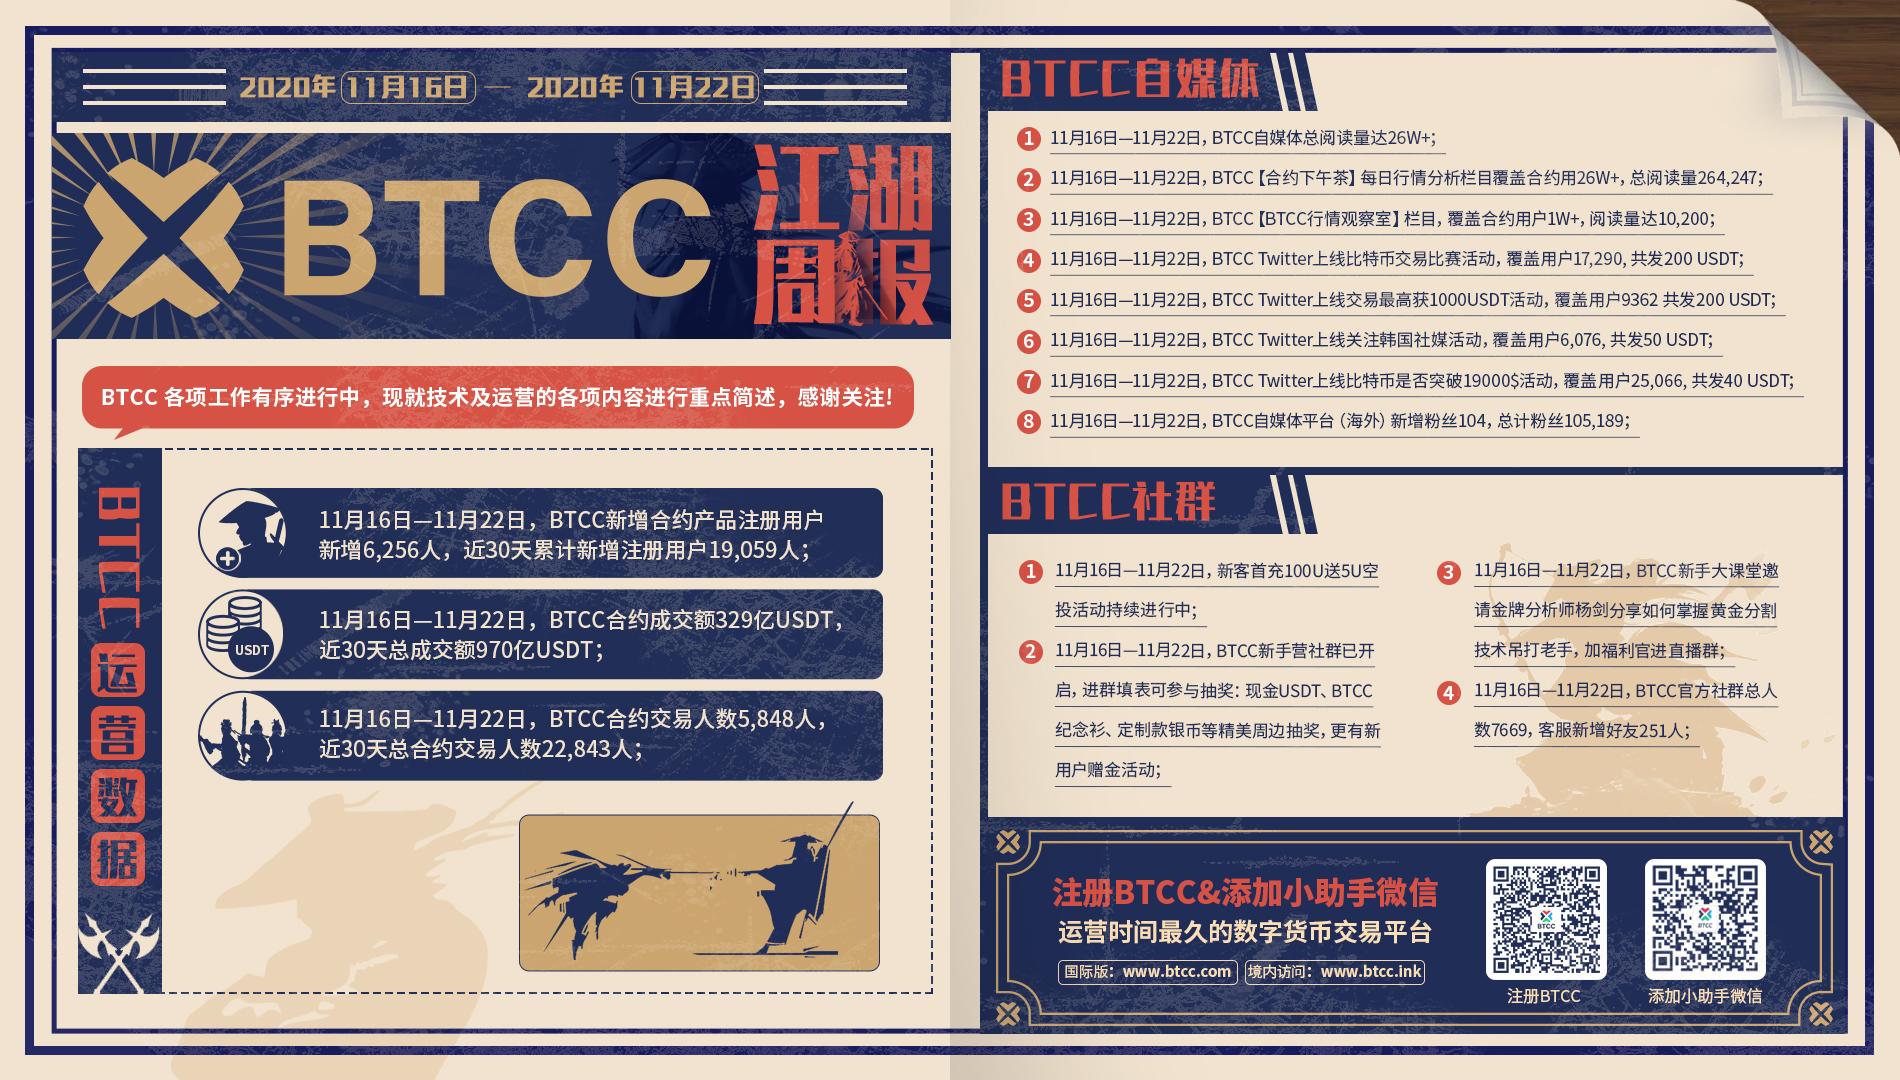 BTCC江湖周报(11月16日—11月22日)